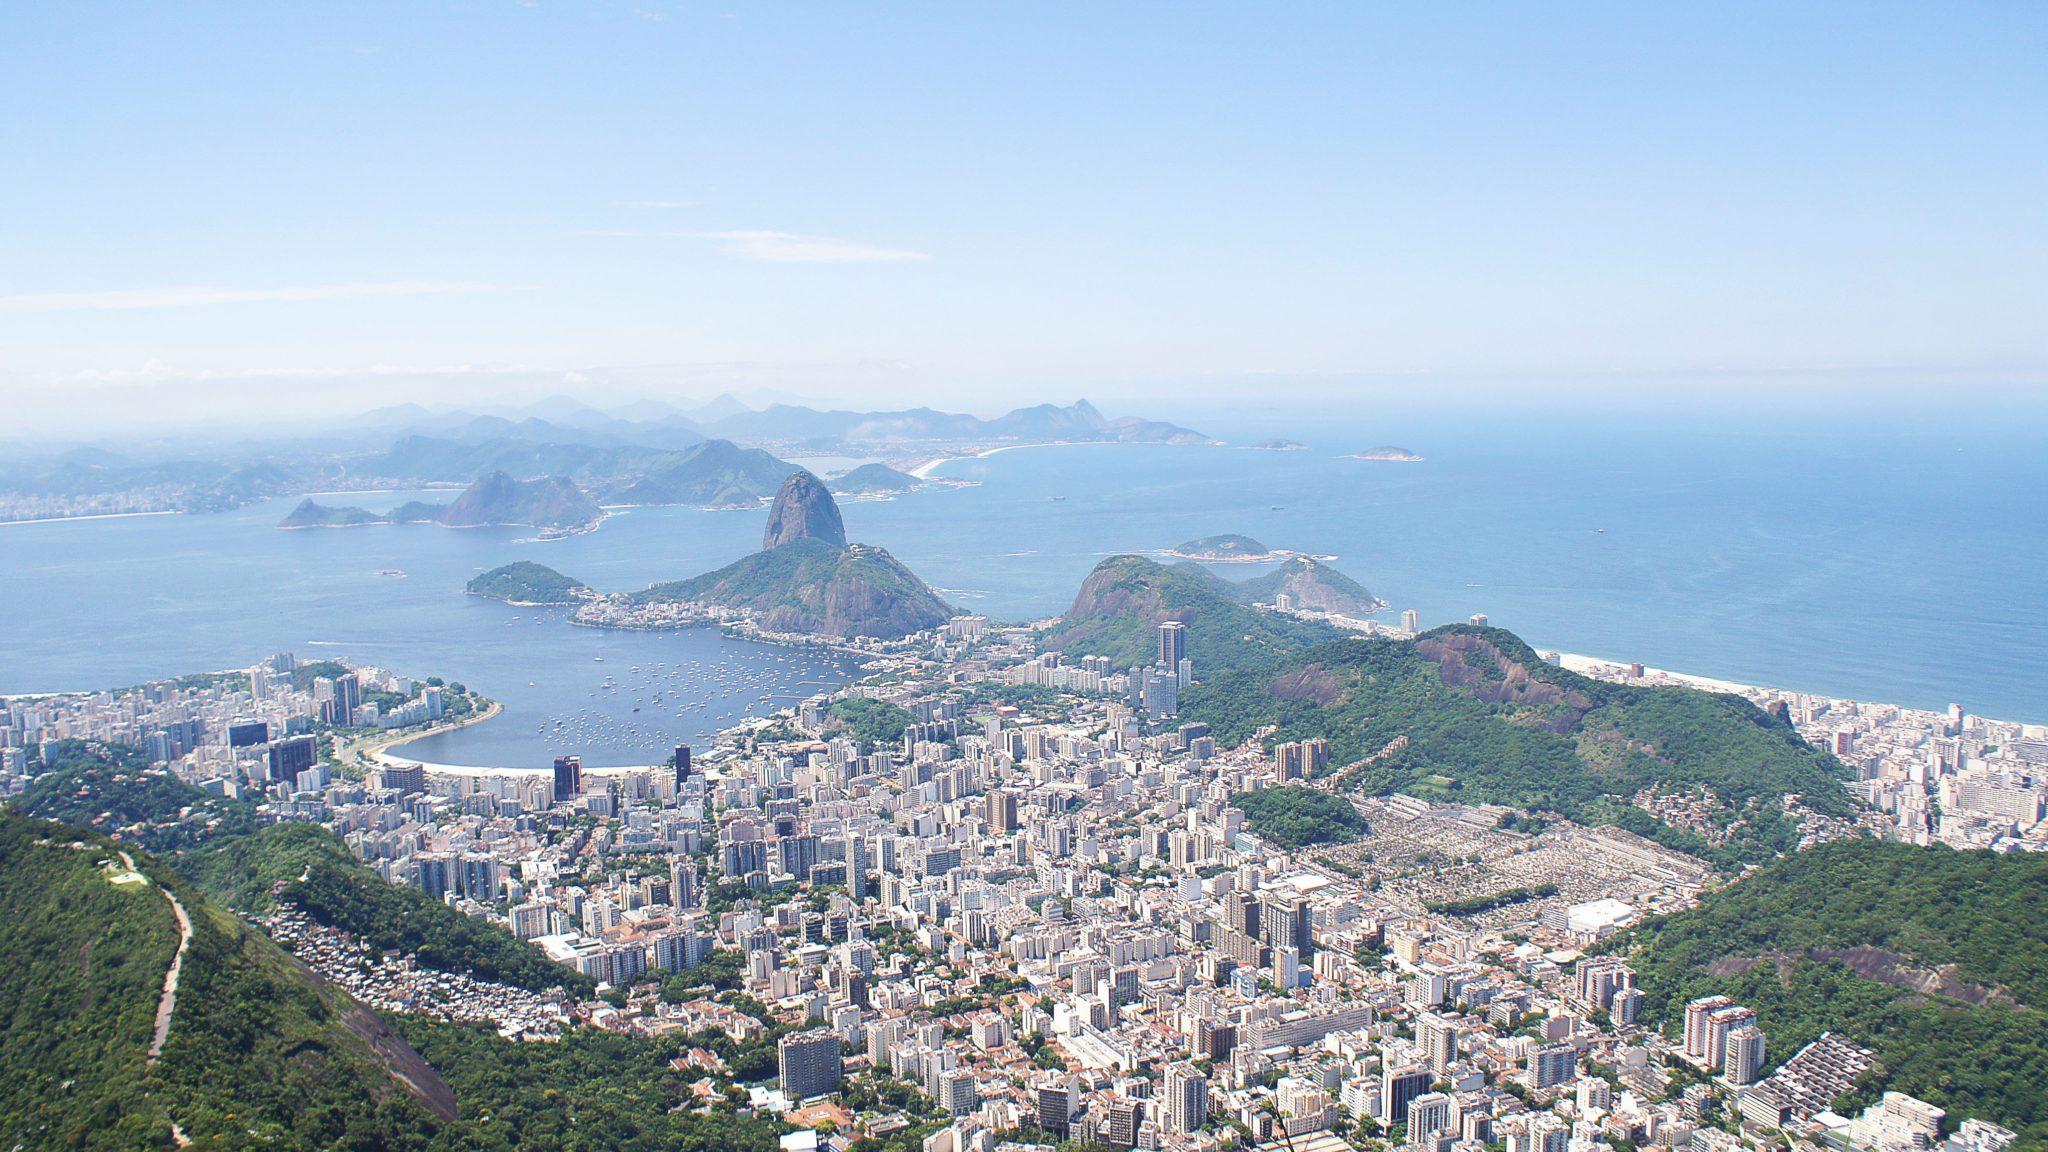 Quais são as cidades brasileiras com moradia mais acessível?